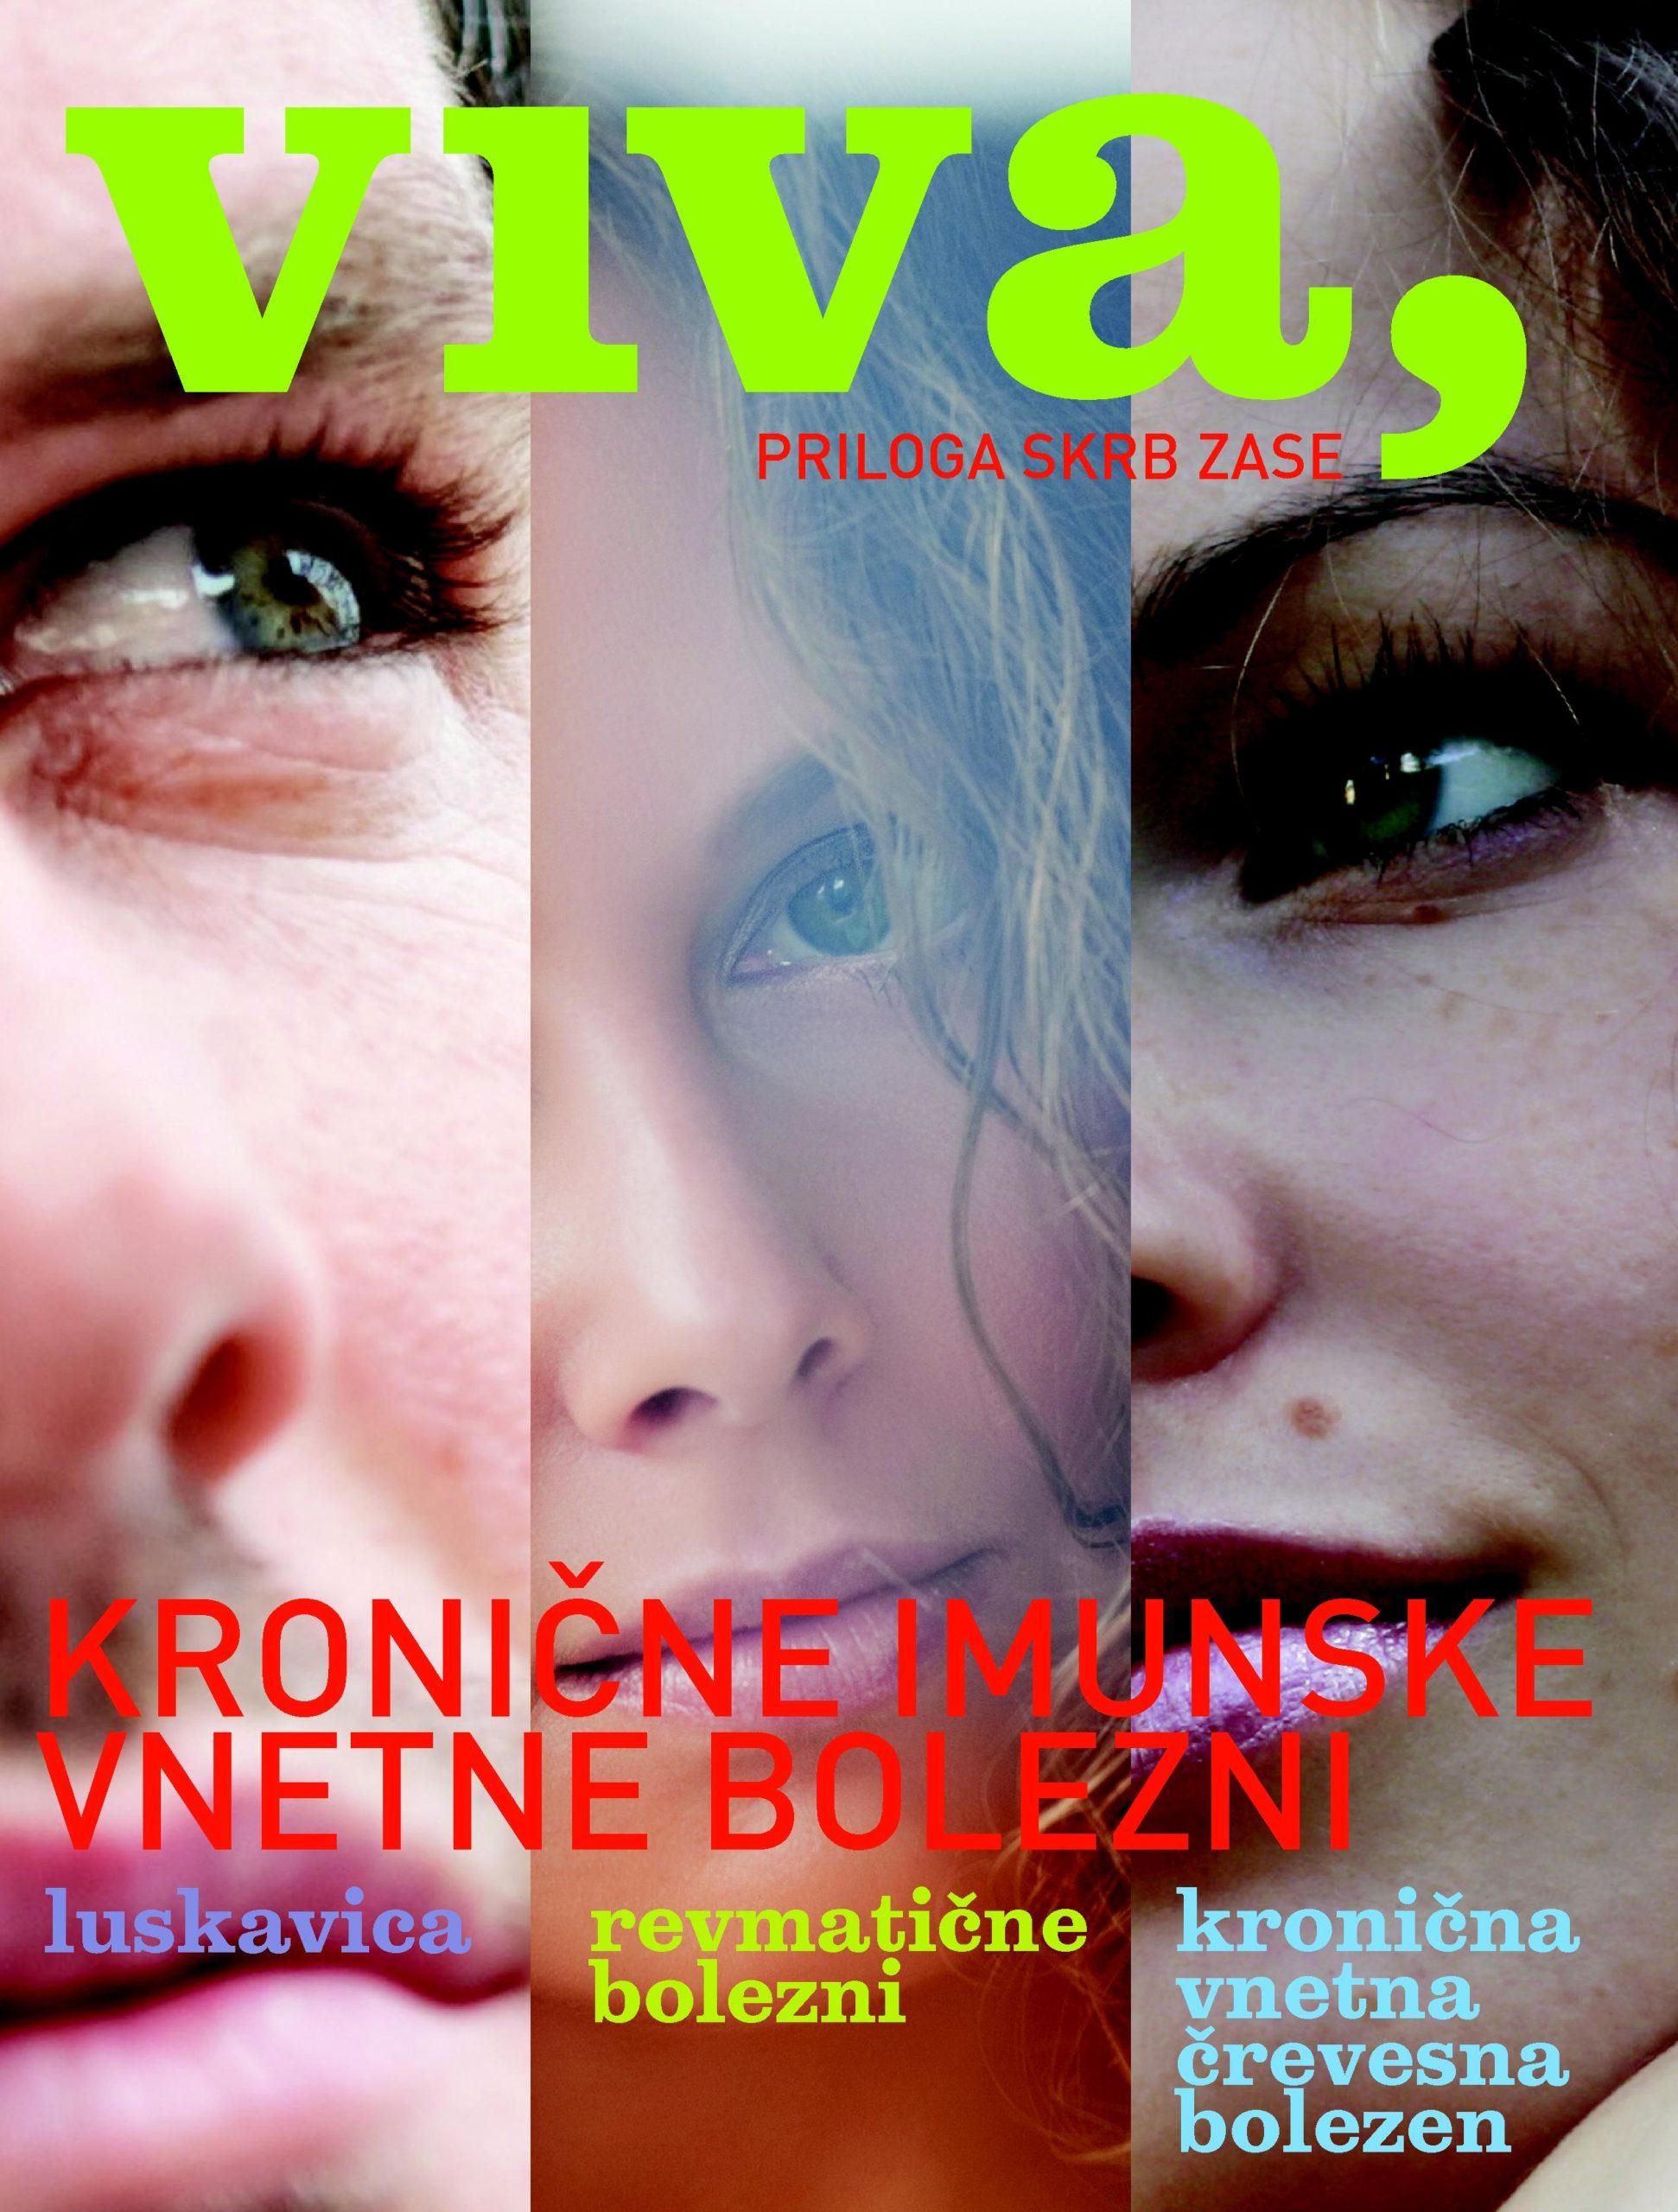 Viva priloga 2014-page1